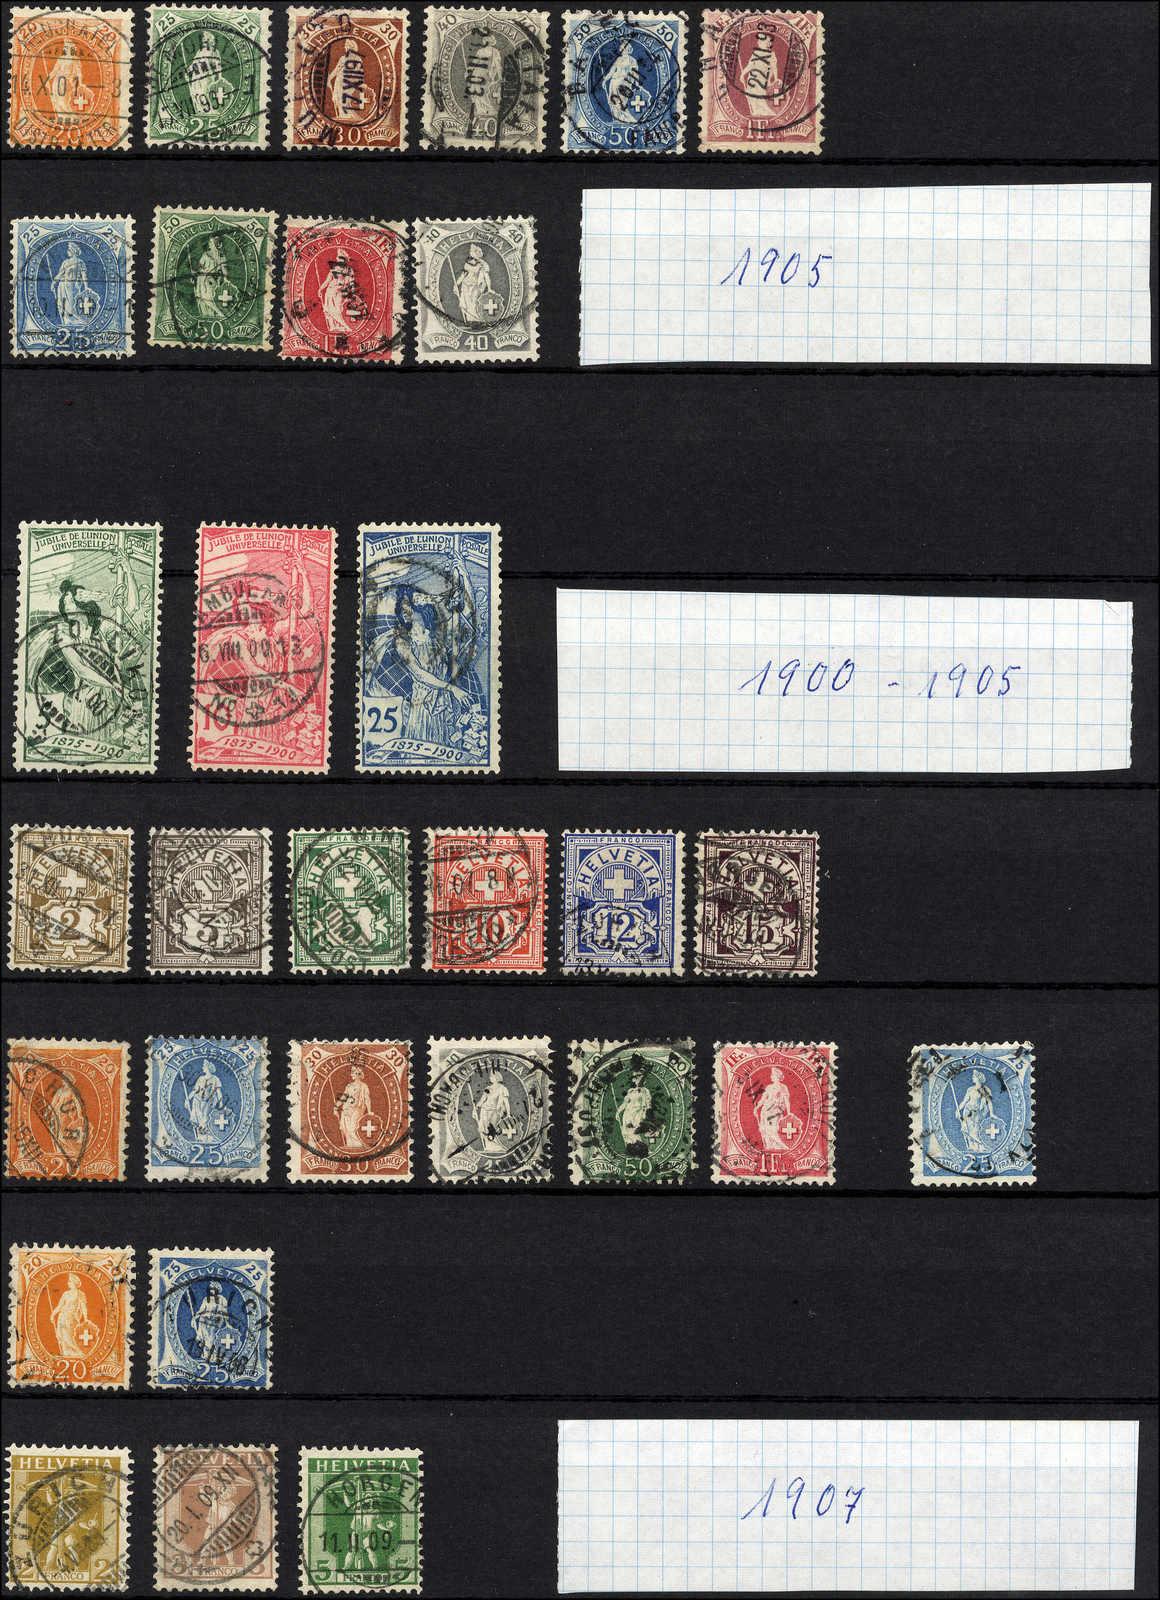 Lot 137 - schweiz schweiz -  Rolli Auctions Auction #68 Day 1